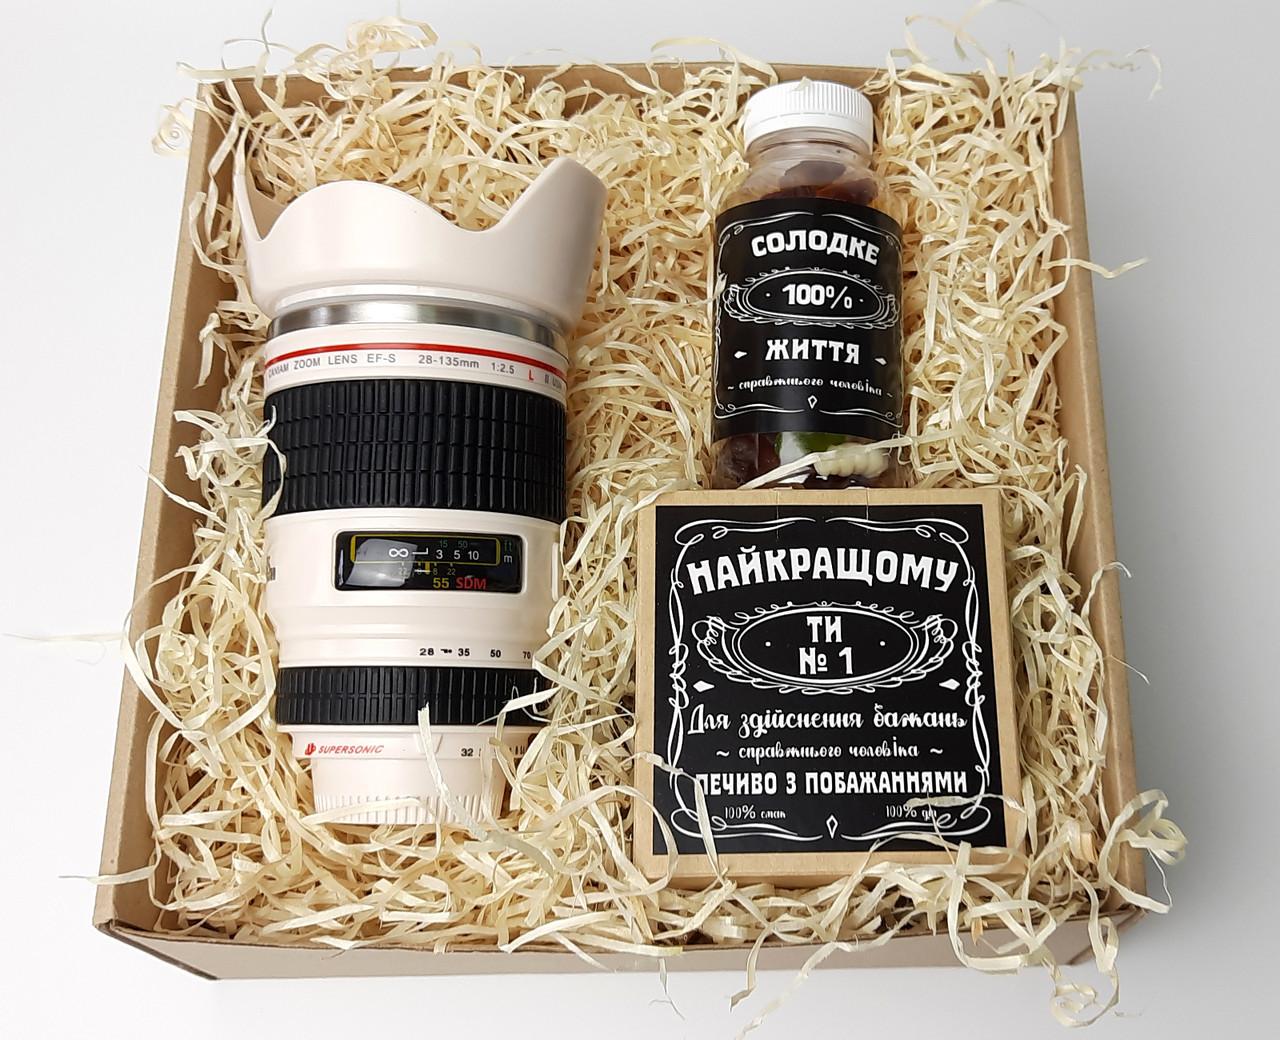 """Чоловічий подарунок """"Мій фотограф любить віскі"""": кружка-об'єктив, цукерки в банку, печиво з передбаченнями"""